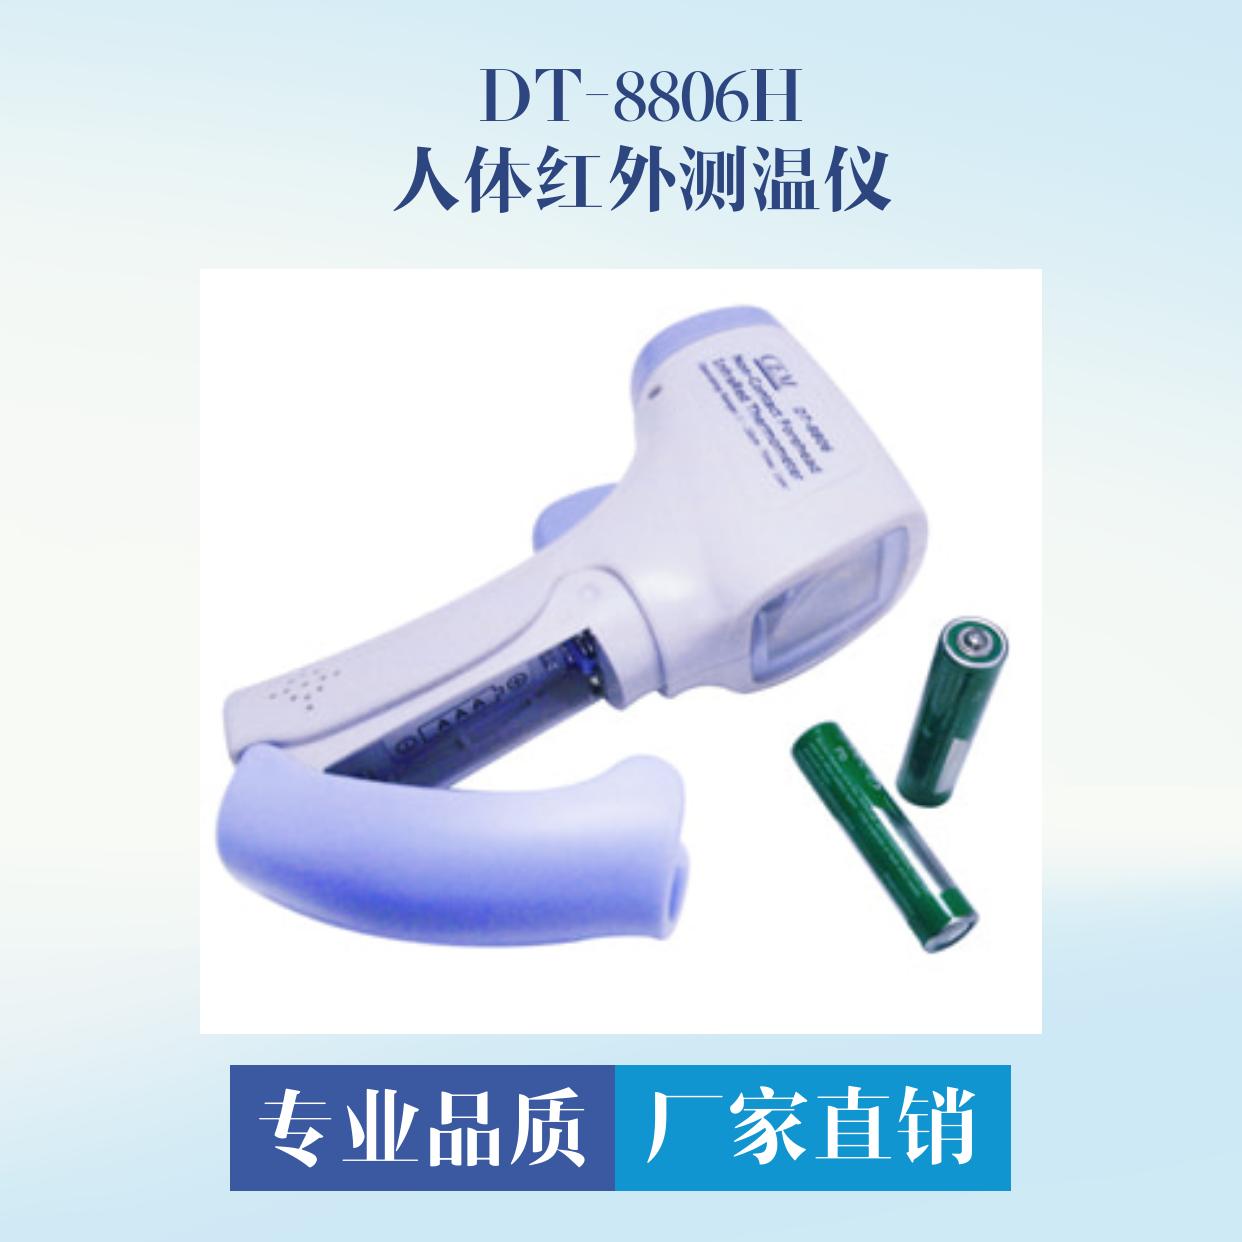 人体红外测温仪 DT-8806H